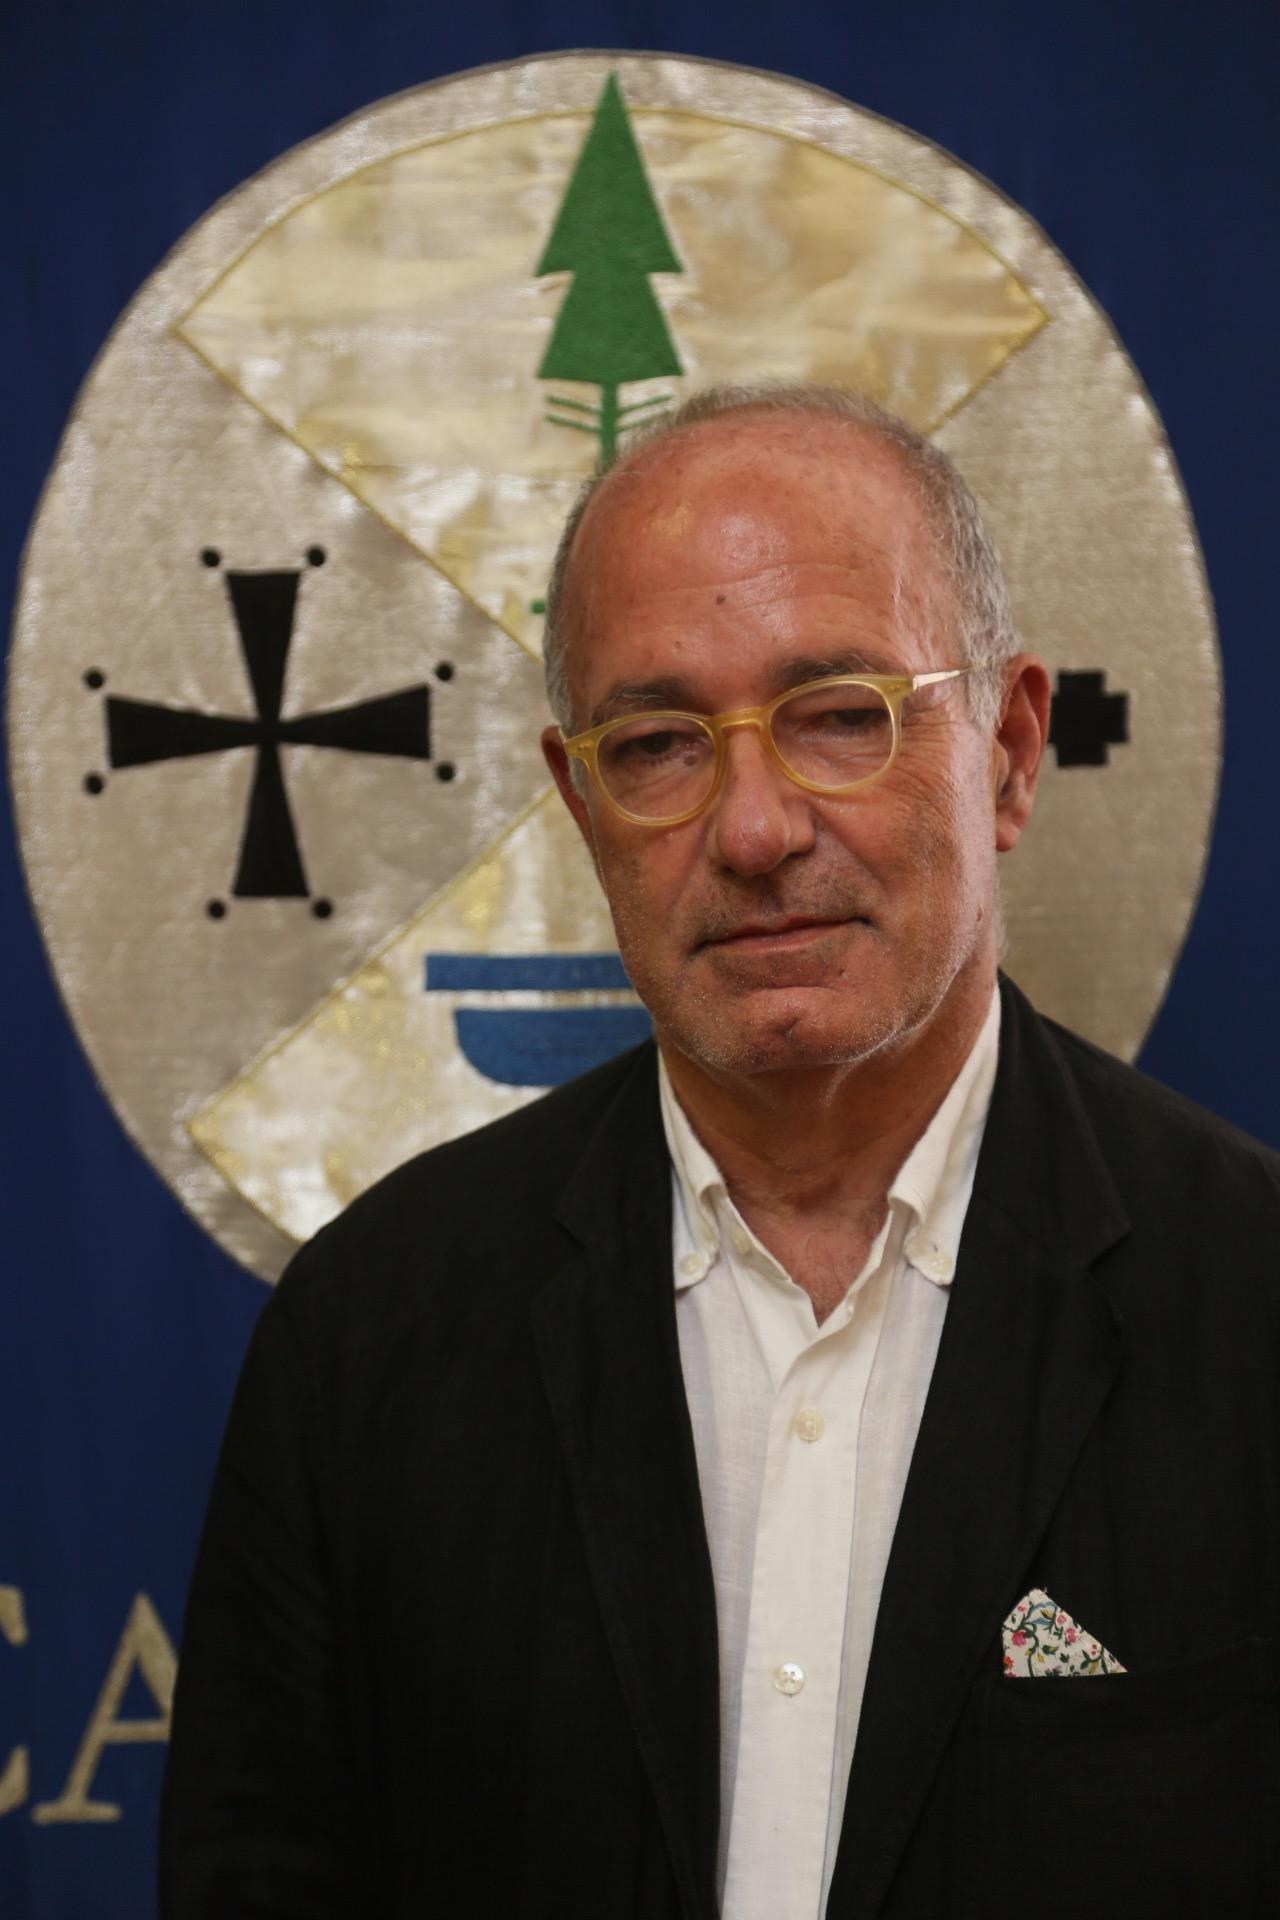 Franco Rossi - Assessore alla Pianificazione territoriale ed urbanistica. Vibo Valentia